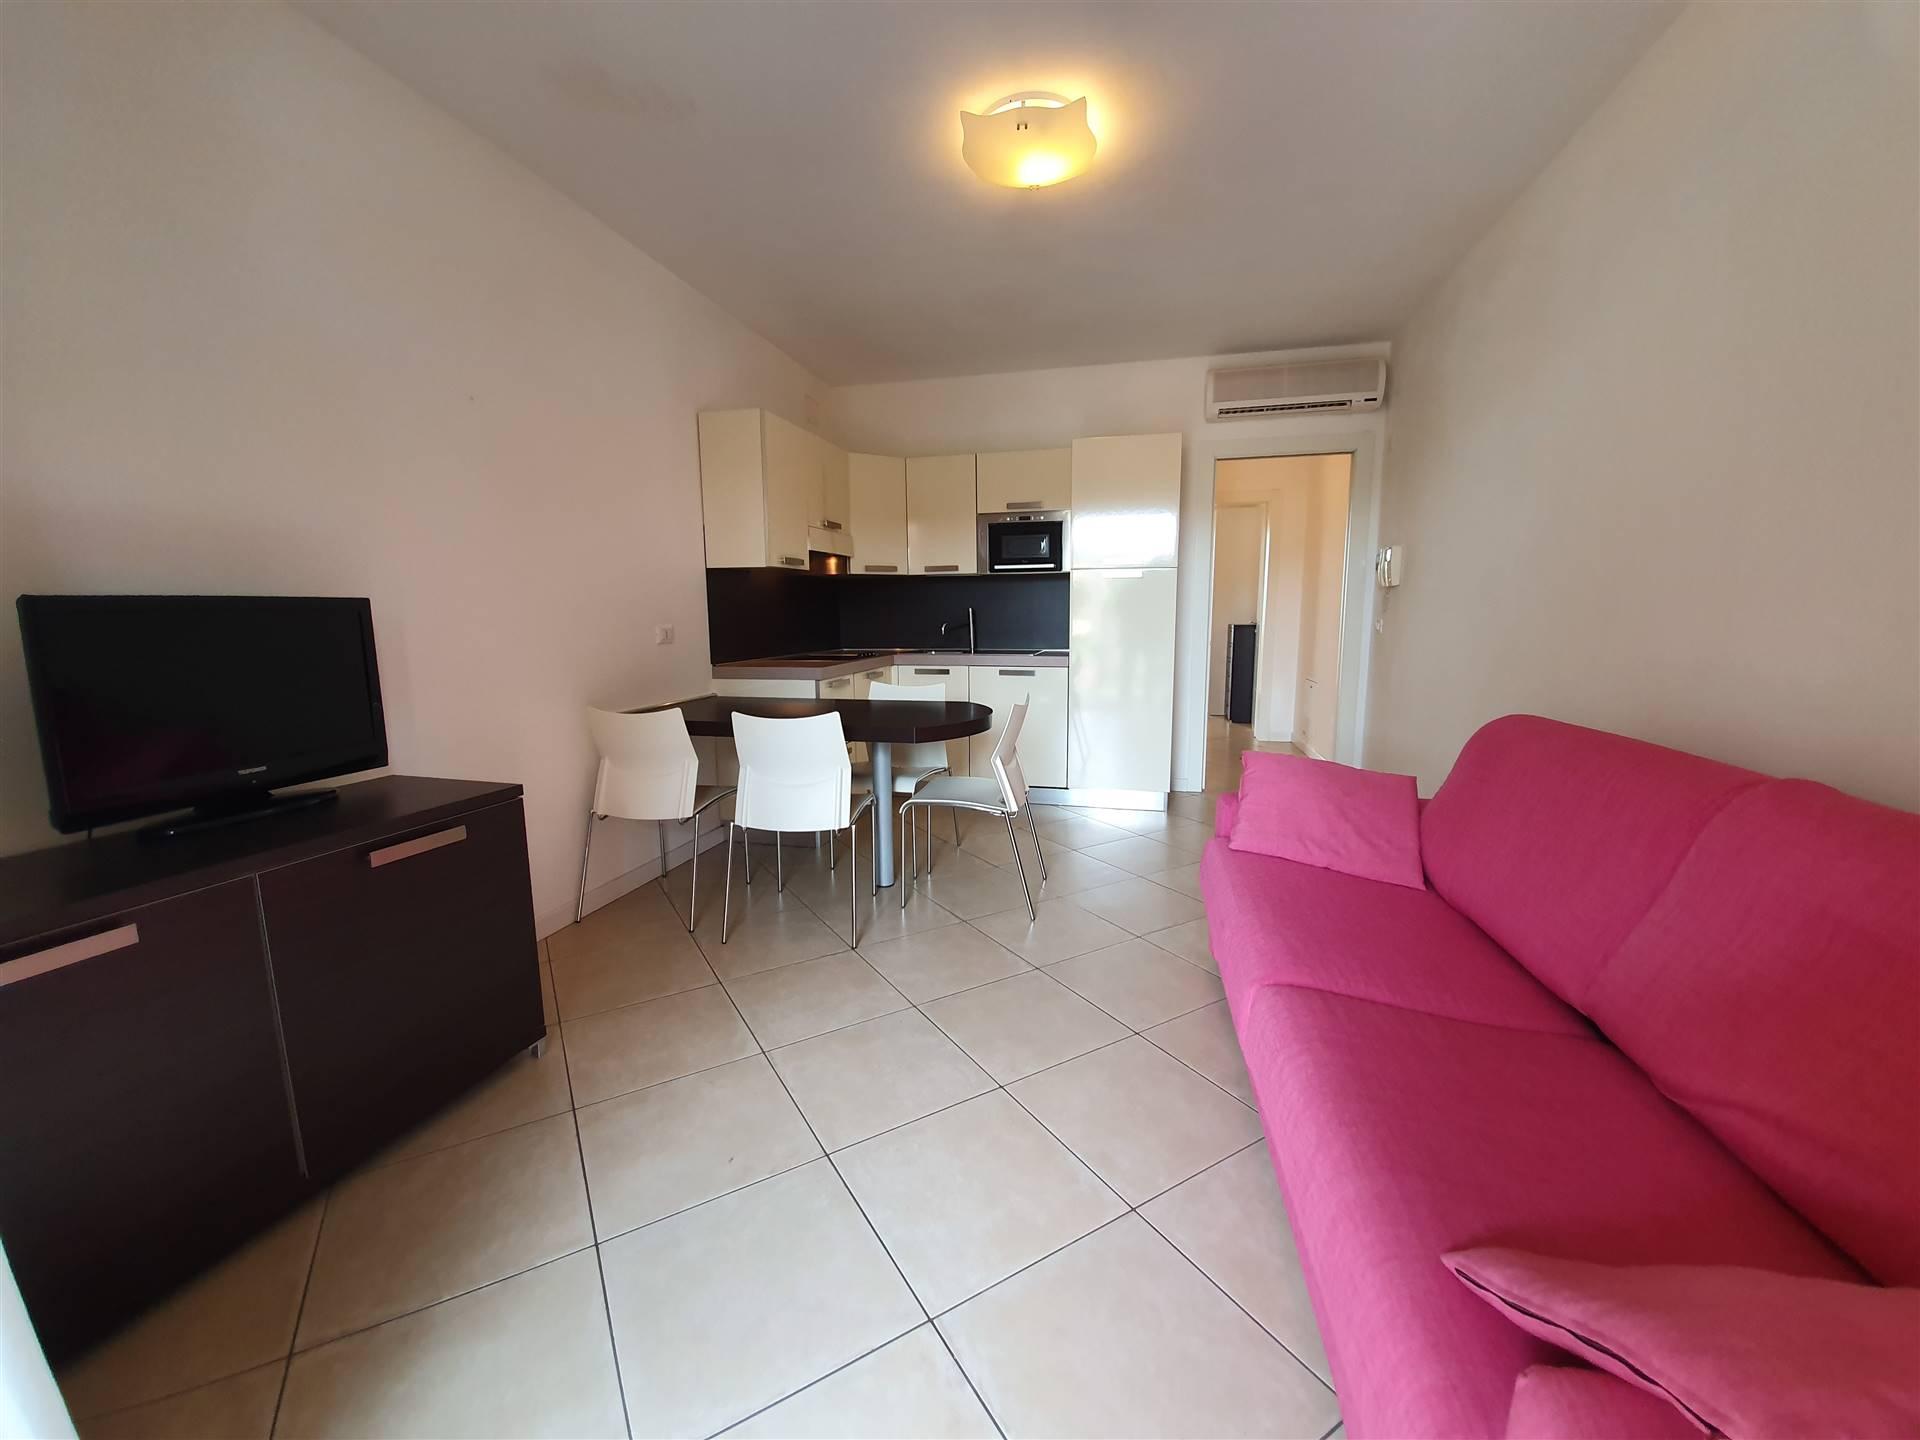 CAORLE Appartamenti Villaggio S.Andrea Foto 17